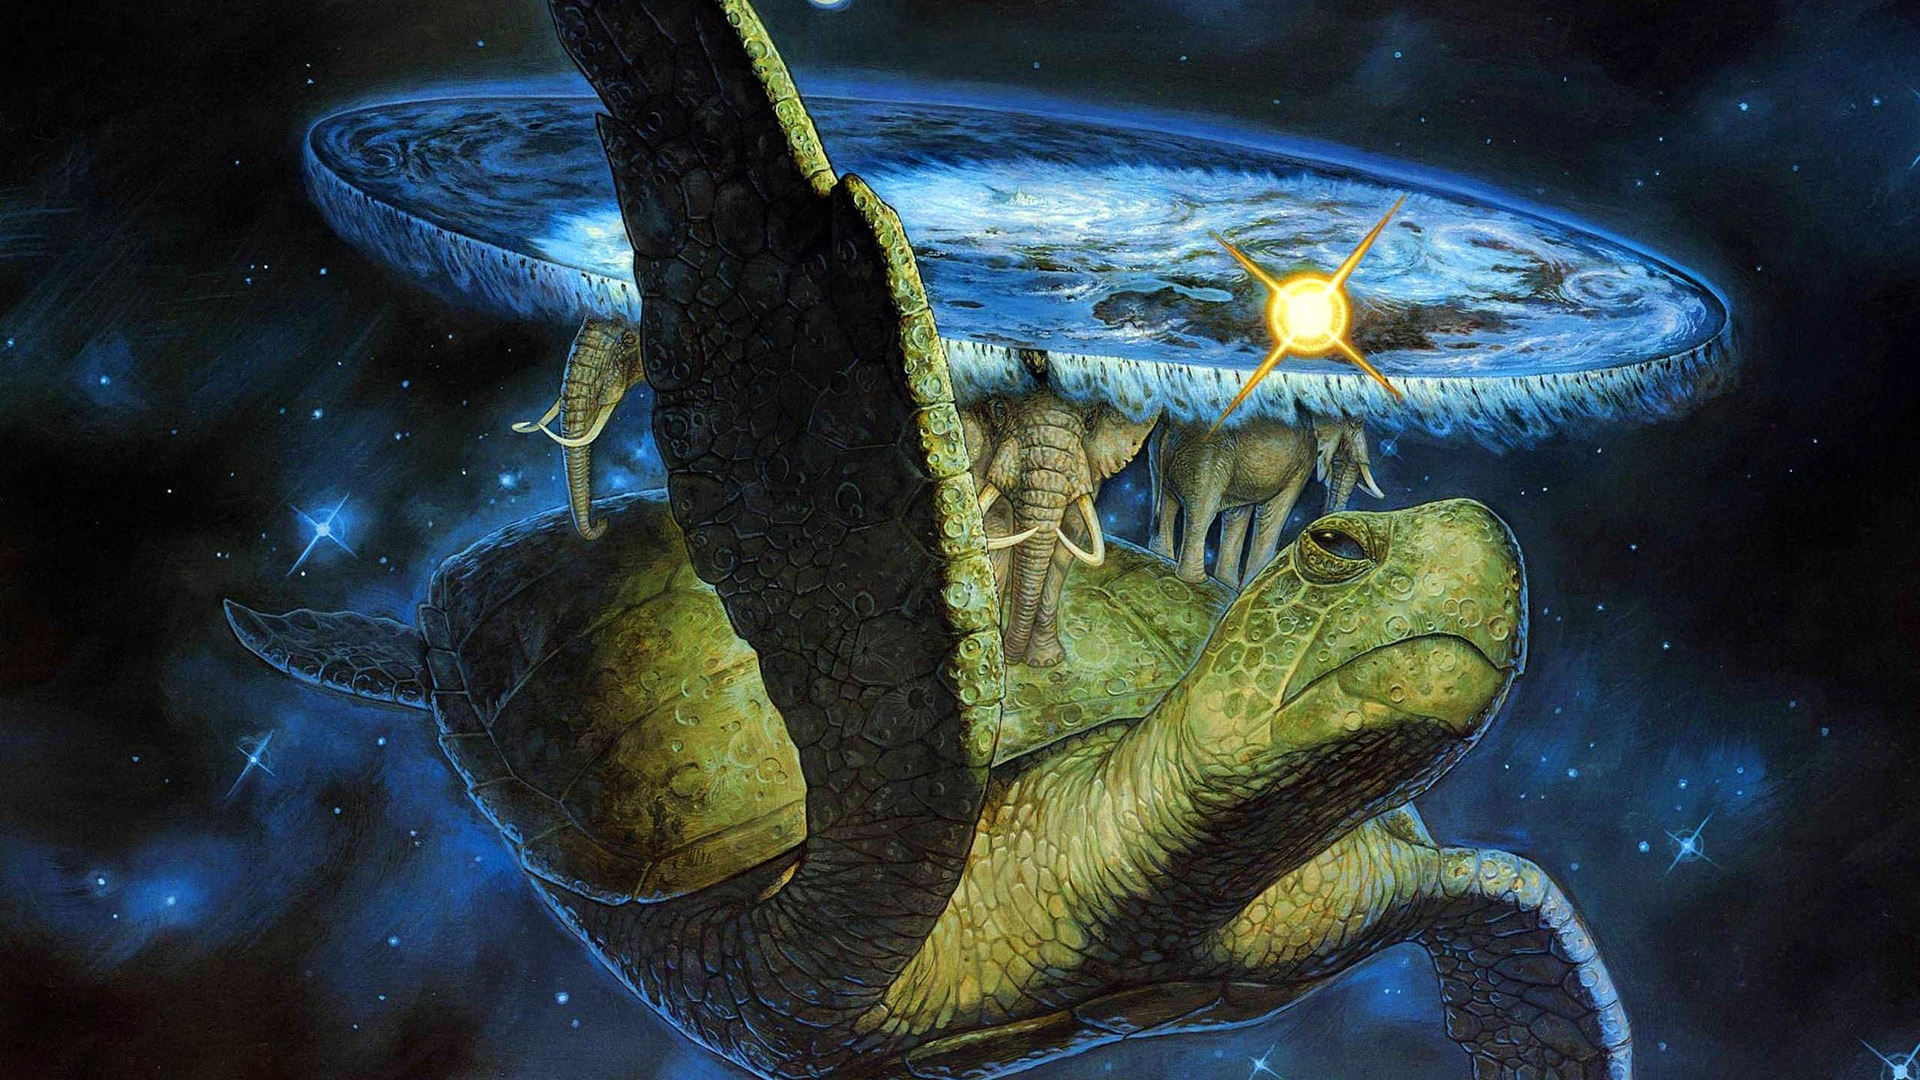 Terry Prachett Discworld című regényének borítórészlete